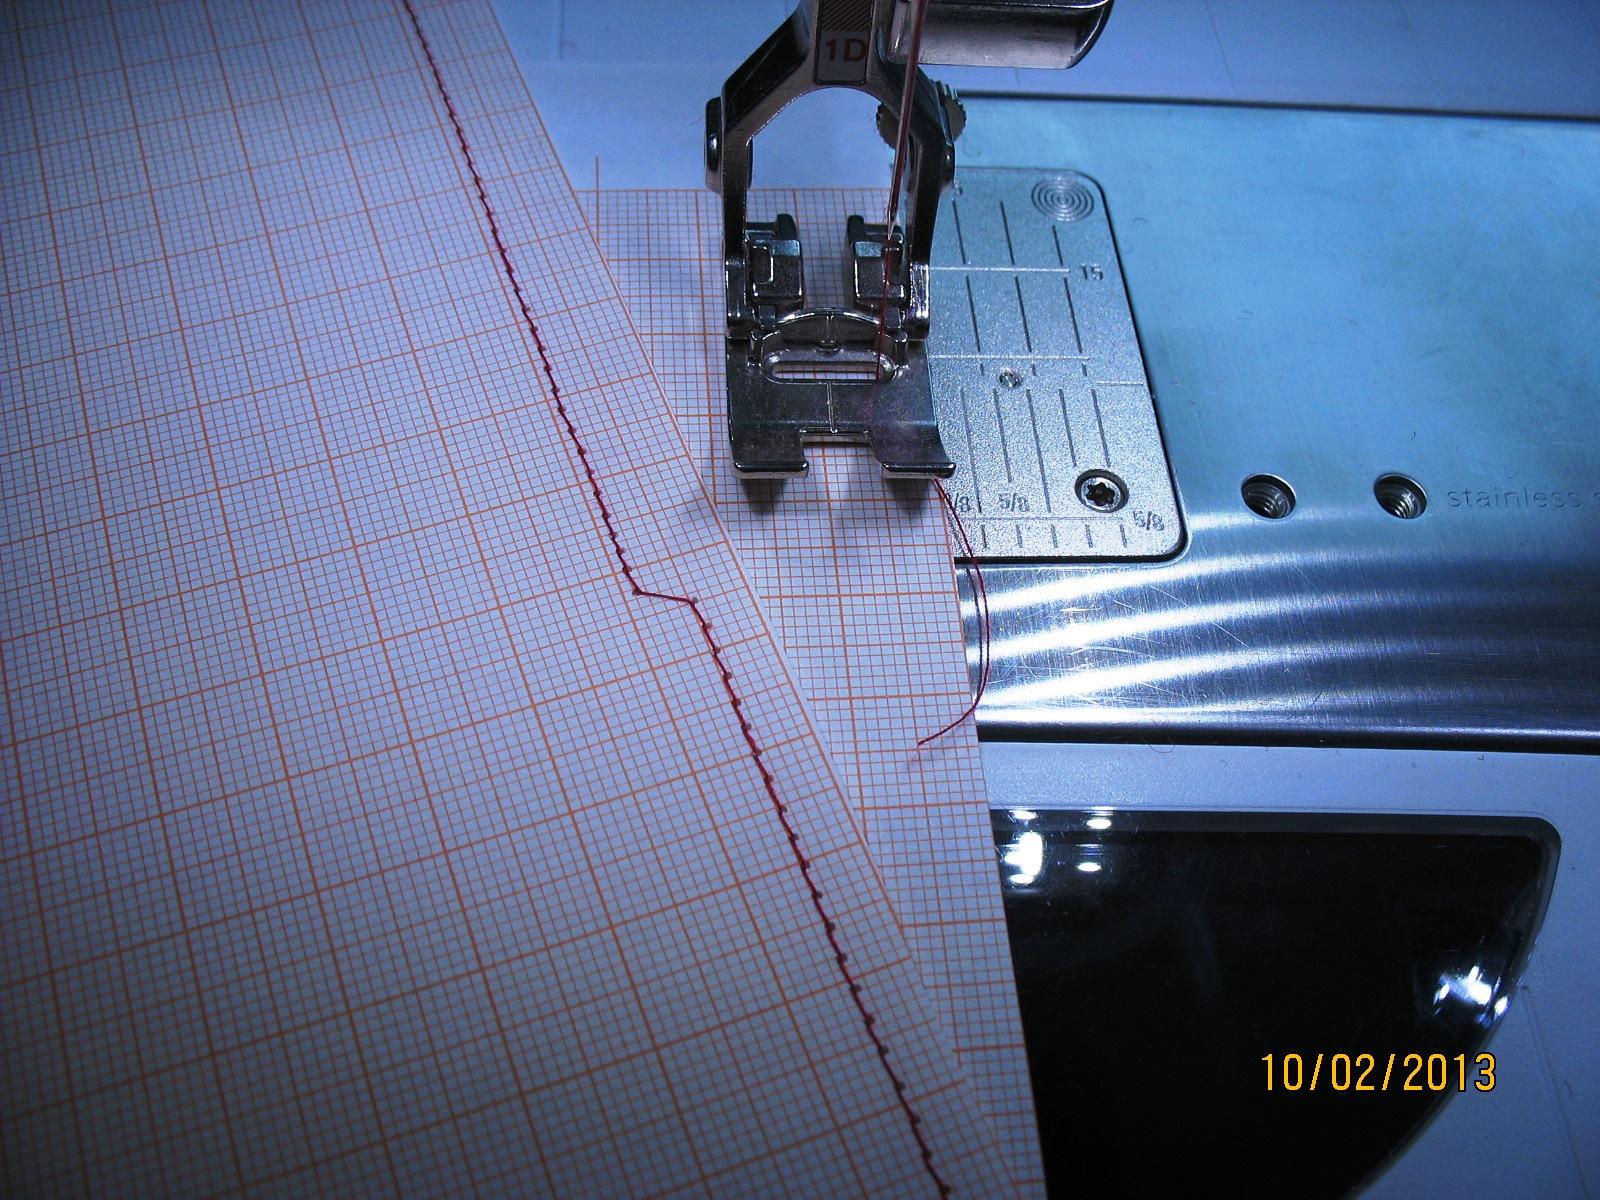 Herzschema